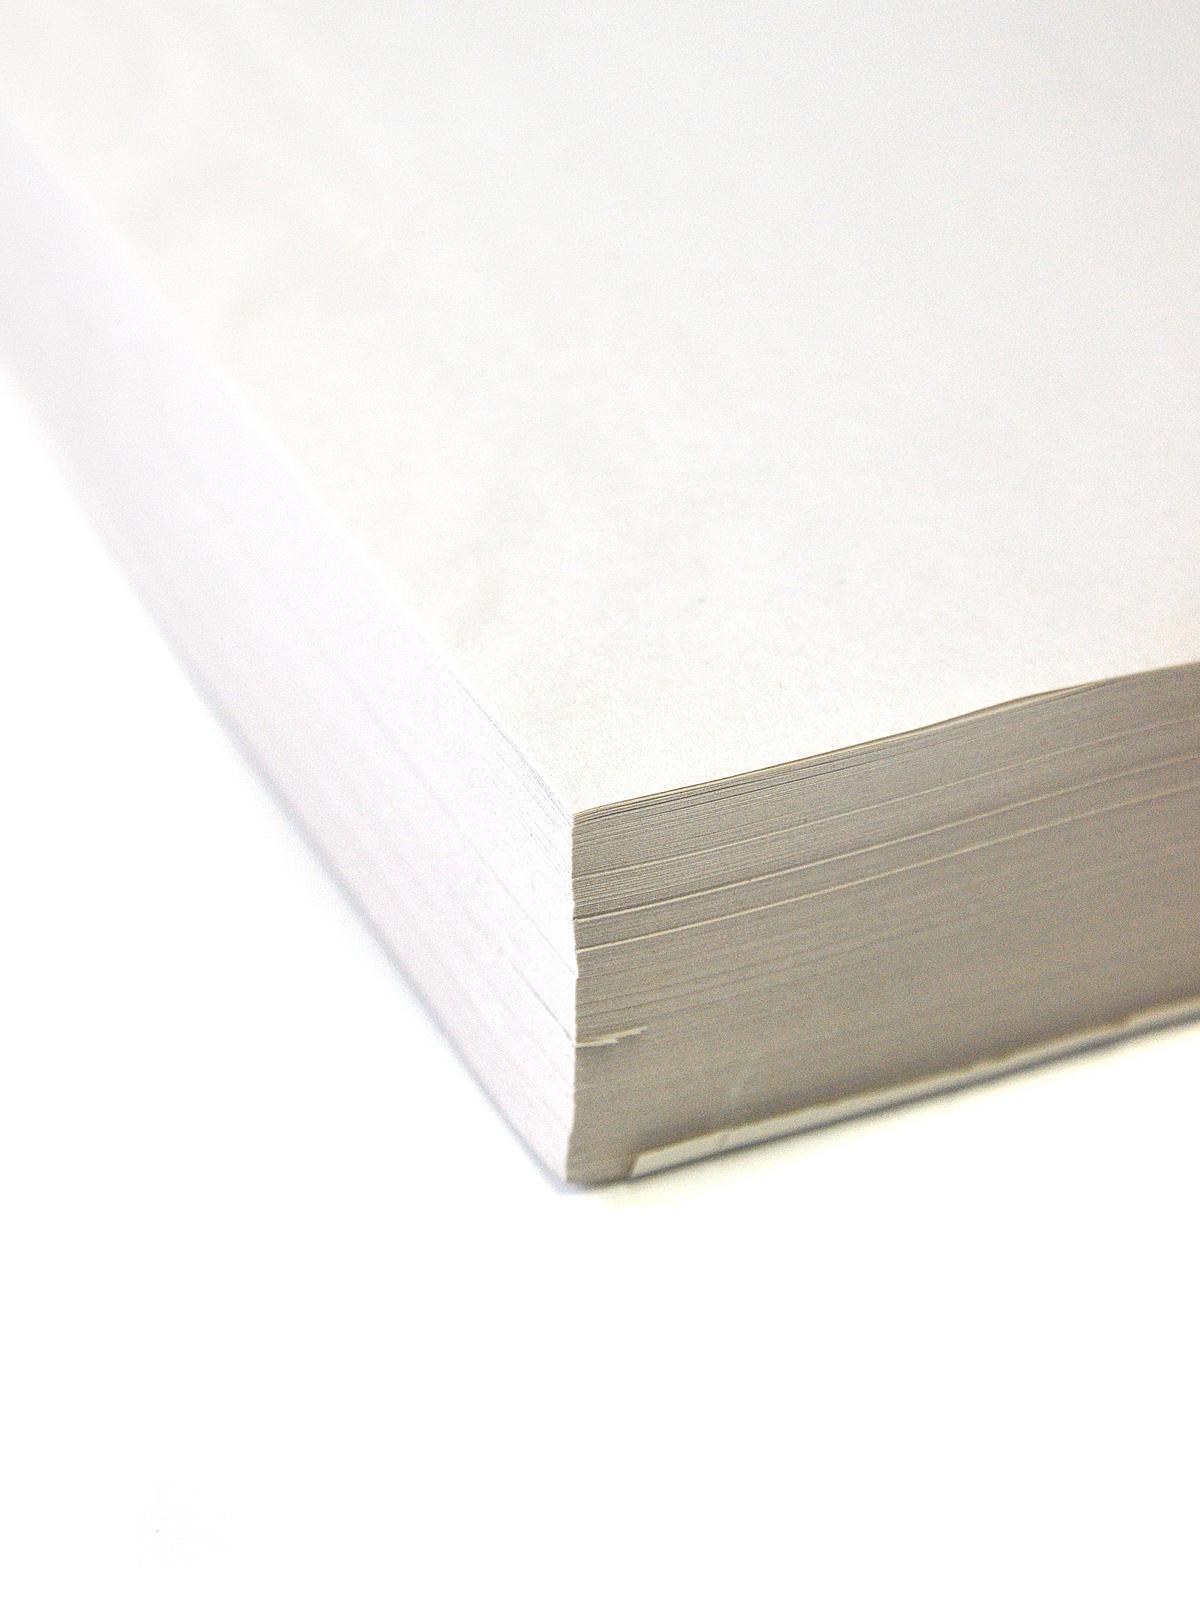 Pacon - Tru-Rite Newsprint Papers